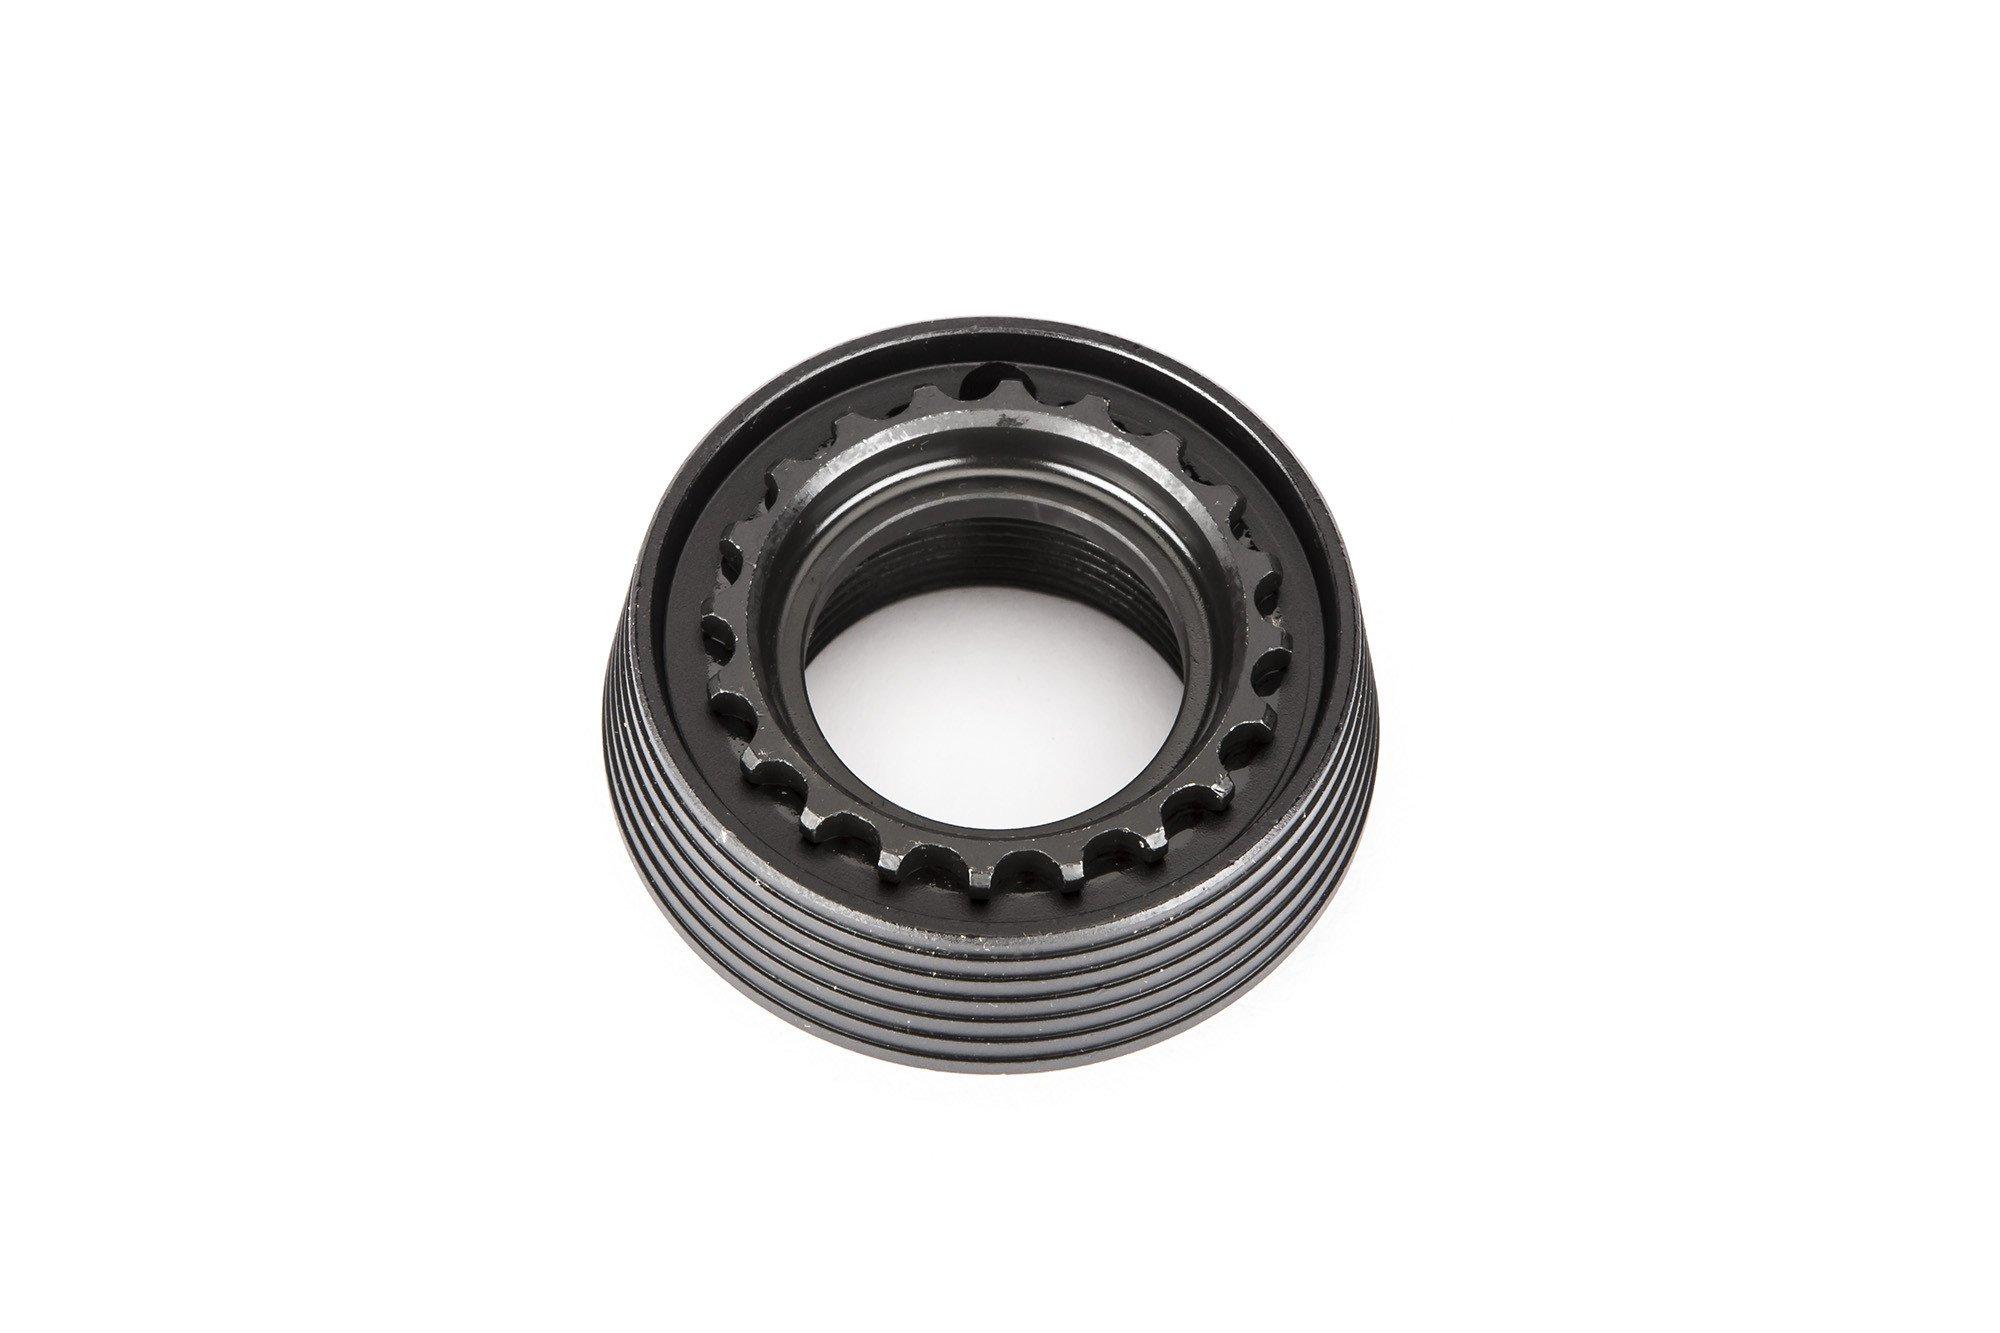 Delta Ring Assembly w/Mil-Spec Barrel Nut